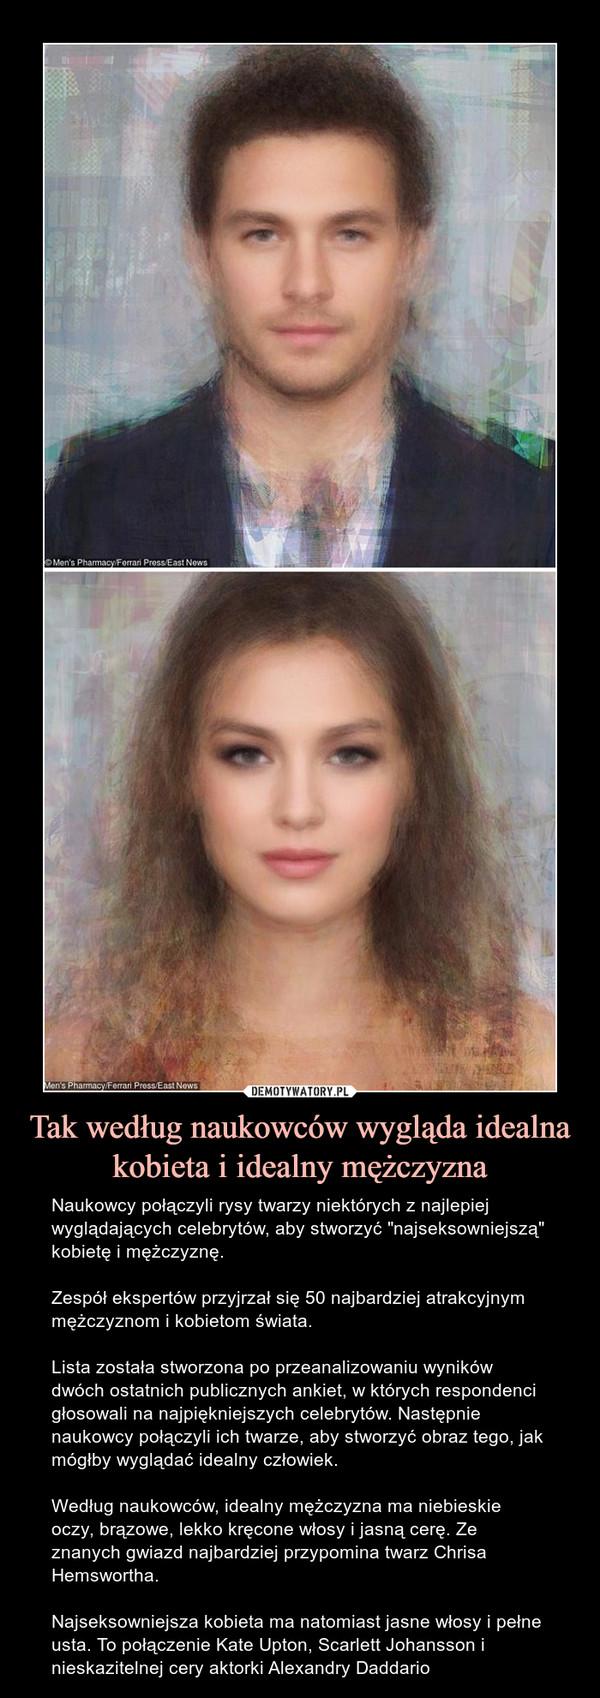 """Tak według naukowców wygląda idealna kobieta i idealny mężczyzna – Naukowcy połączyli rysy twarzy niektórych z najlepiej wyglądających celebrytów, aby stworzyć """"najseksowniejszą"""" kobietę i mężczyznę.Zespół ekspertów przyjrzał się 50 najbardziej atrakcyjnym mężczyznom i kobietom świata.Lista została stworzona po przeanalizowaniu wyników dwóch ostatnich publicznych ankiet, w których respondenci głosowali na najpiękniejszych celebrytów. Następnie naukowcy połączyli ich twarze, aby stworzyć obraz tego, jak mógłby wyglądać idealny człowiek.Według naukowców, idealny mężczyzna ma niebieskie oczy, brązowe, lekko kręcone włosy i jasną cerę. Ze znanych gwiazd najbardziej przypomina twarz Chrisa Hemswortha.Najseksowniejsza kobieta ma natomiast jasne włosy i pełne usta. To połączenie Kate Upton, Scarlett Johansson i nieskazitelnej cery aktorki Alexandry Daddario"""